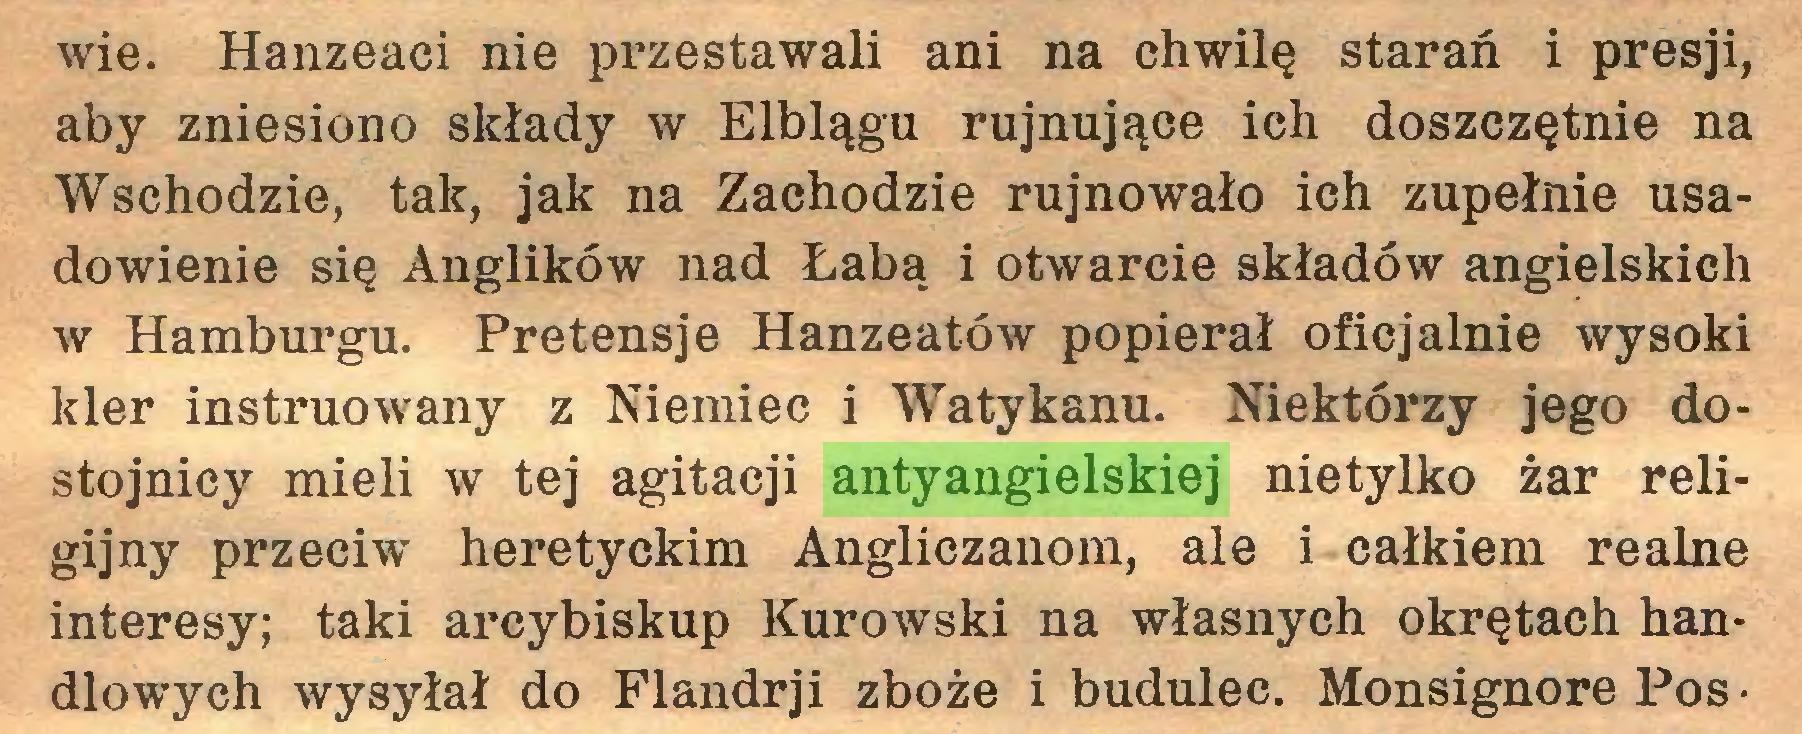 (...) wie. Hanzeaci nie przestawali ani na chwilę starań i presji, aby zniesiono składy w Elblągu rujnujące ich doszczętnie na Wschodzie, tak, jak na Zachodzie rujnowało ich zupełnie usadowienie się Anglików nad Łabą i otwarcie składów angielskich w Hamburgu. Pretensje Hanzeatów popierał oficjalnie wysoki kler instruowany z Niemiec i Watykanu. Niektórzy jego dostojnicy mieli w tej agitacji antyangielskiej nietylko żar religijny przeciwr heretyckim Angliczanom, ale i całkiem realne interesy; taki arcybiskup Kurowski na własnych okrętach handlowych wysyłał do Flandrji zboże i budulec. Monsignore Pos ■...